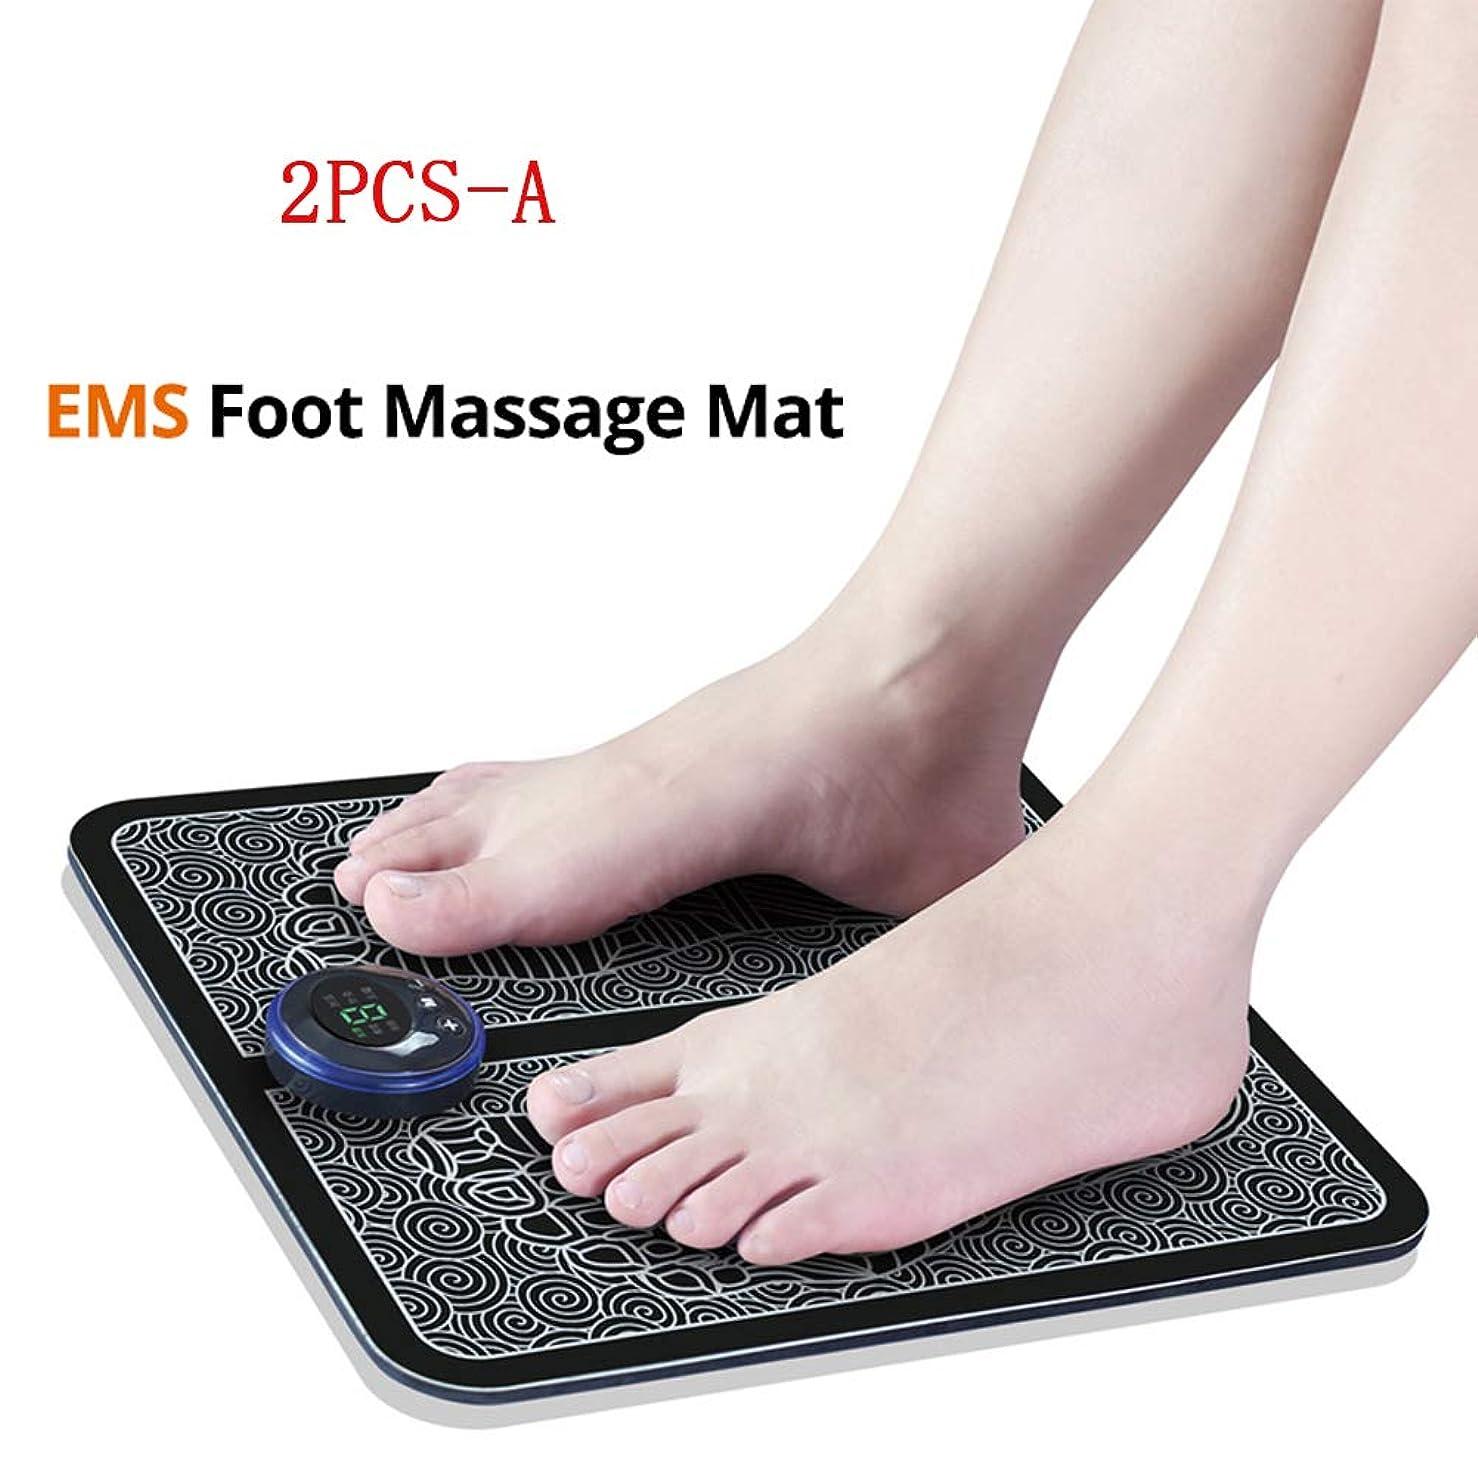 粒バランス受け皿EMSスマートフットマッサージパッド、フットマッサージャー、足指圧療法、血液循環の促進、筋肉痛の緩和、男性と女性用、2個,A